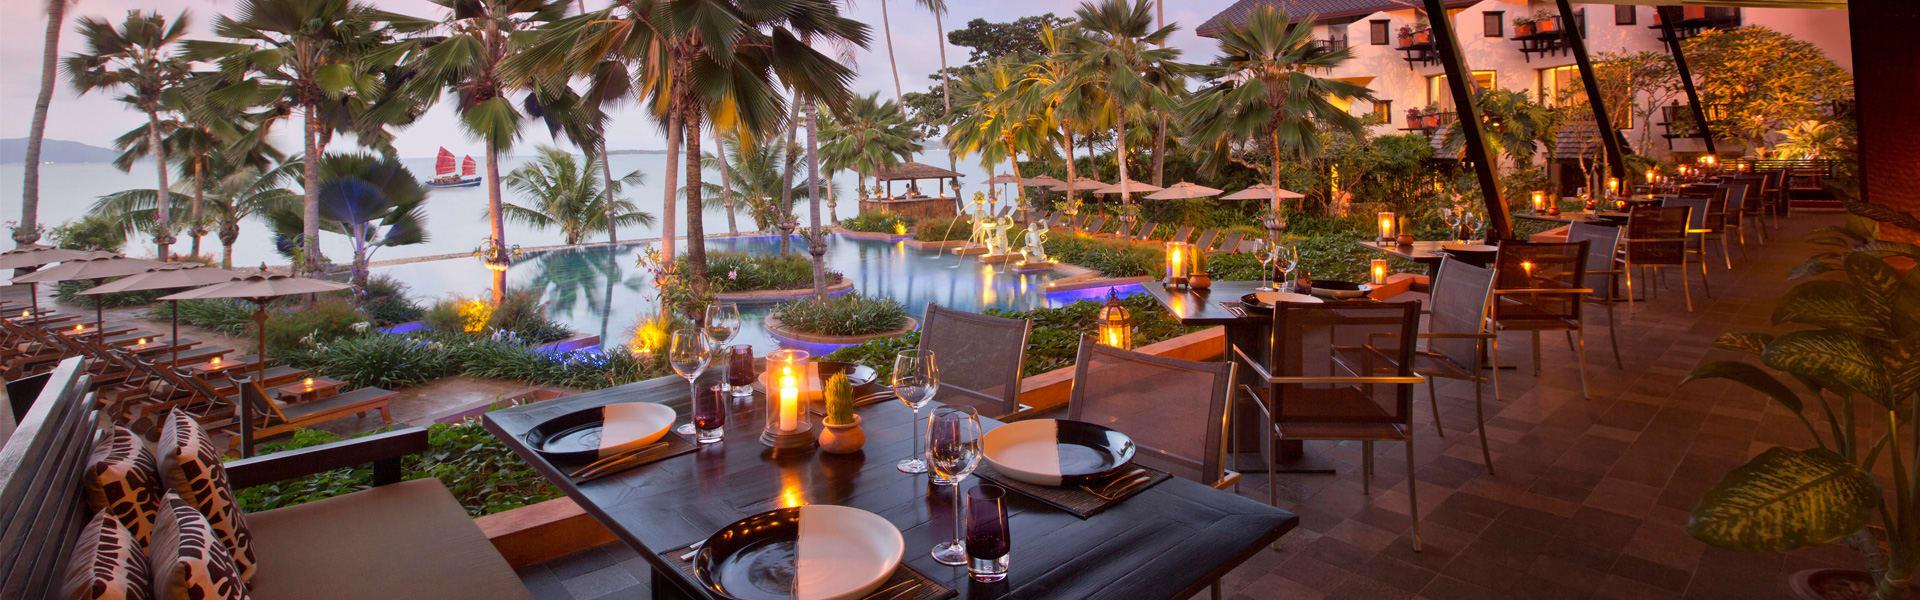 Restaurants In Koh Samui Dining At Anantara Bophut Resort